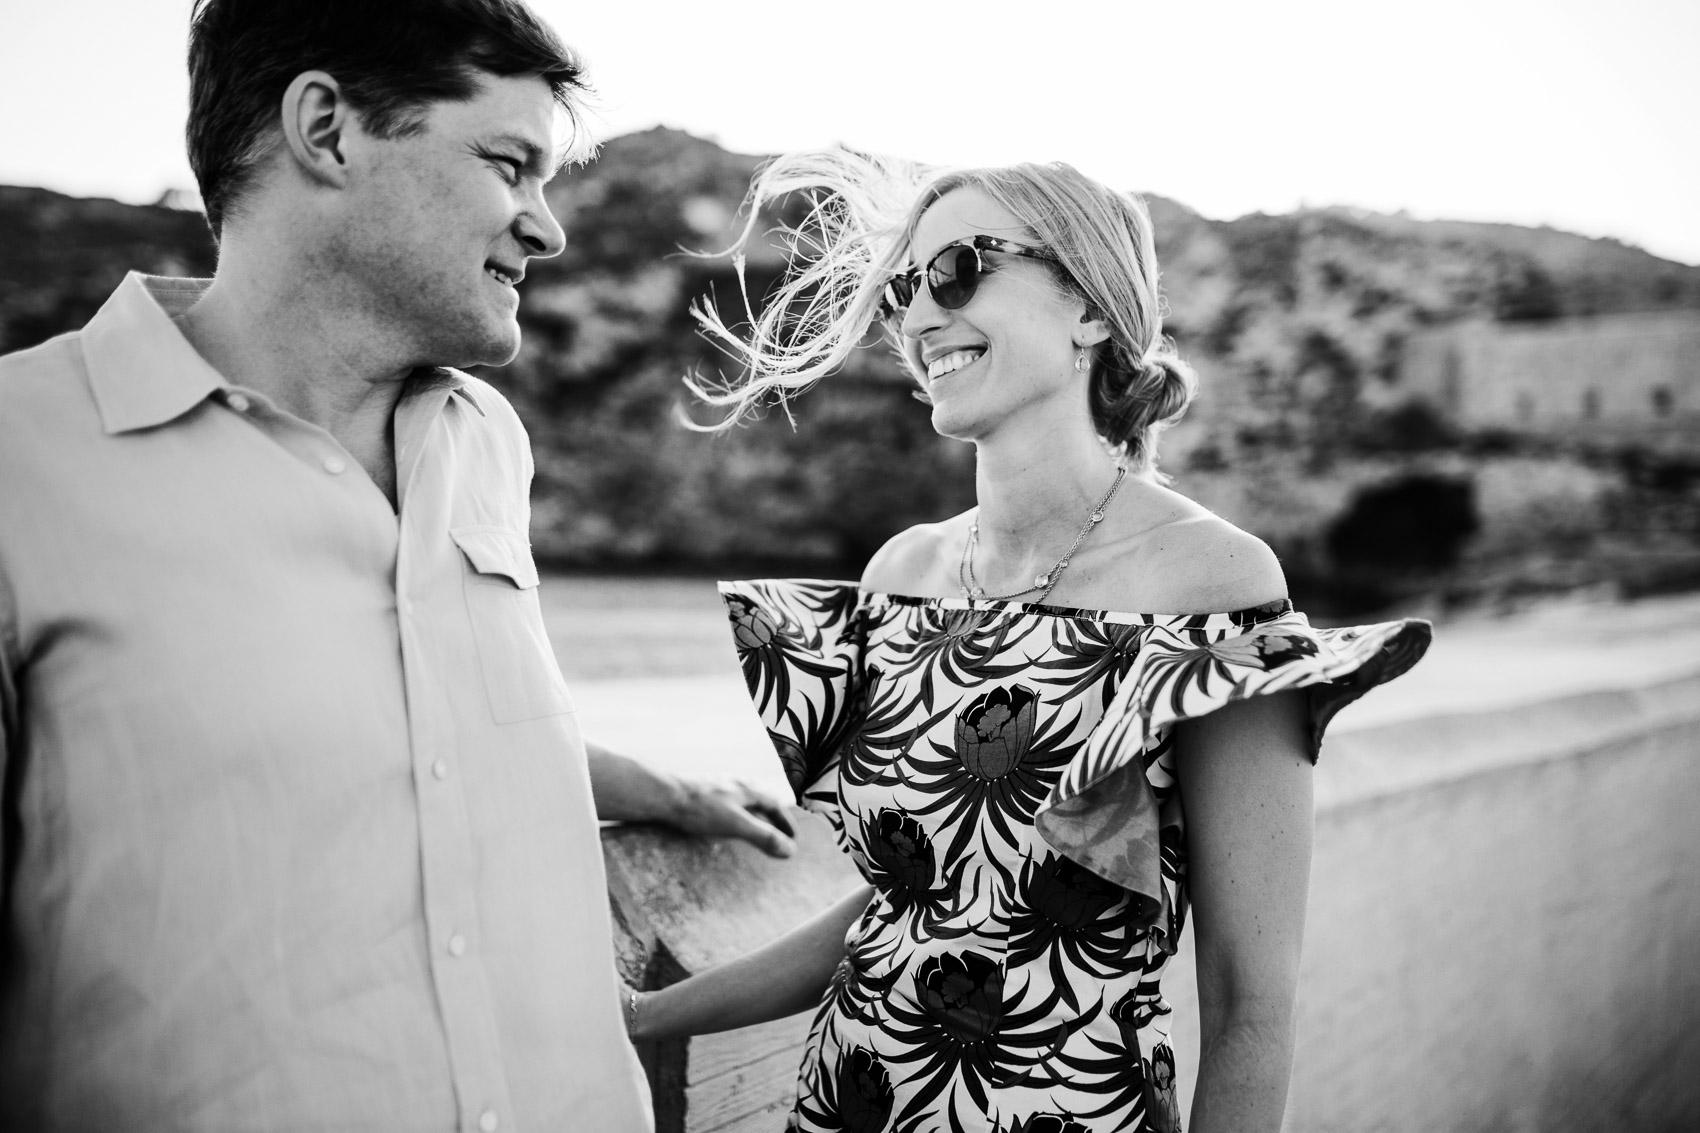 mirada pareja novios vestido flores playa mar menor viento